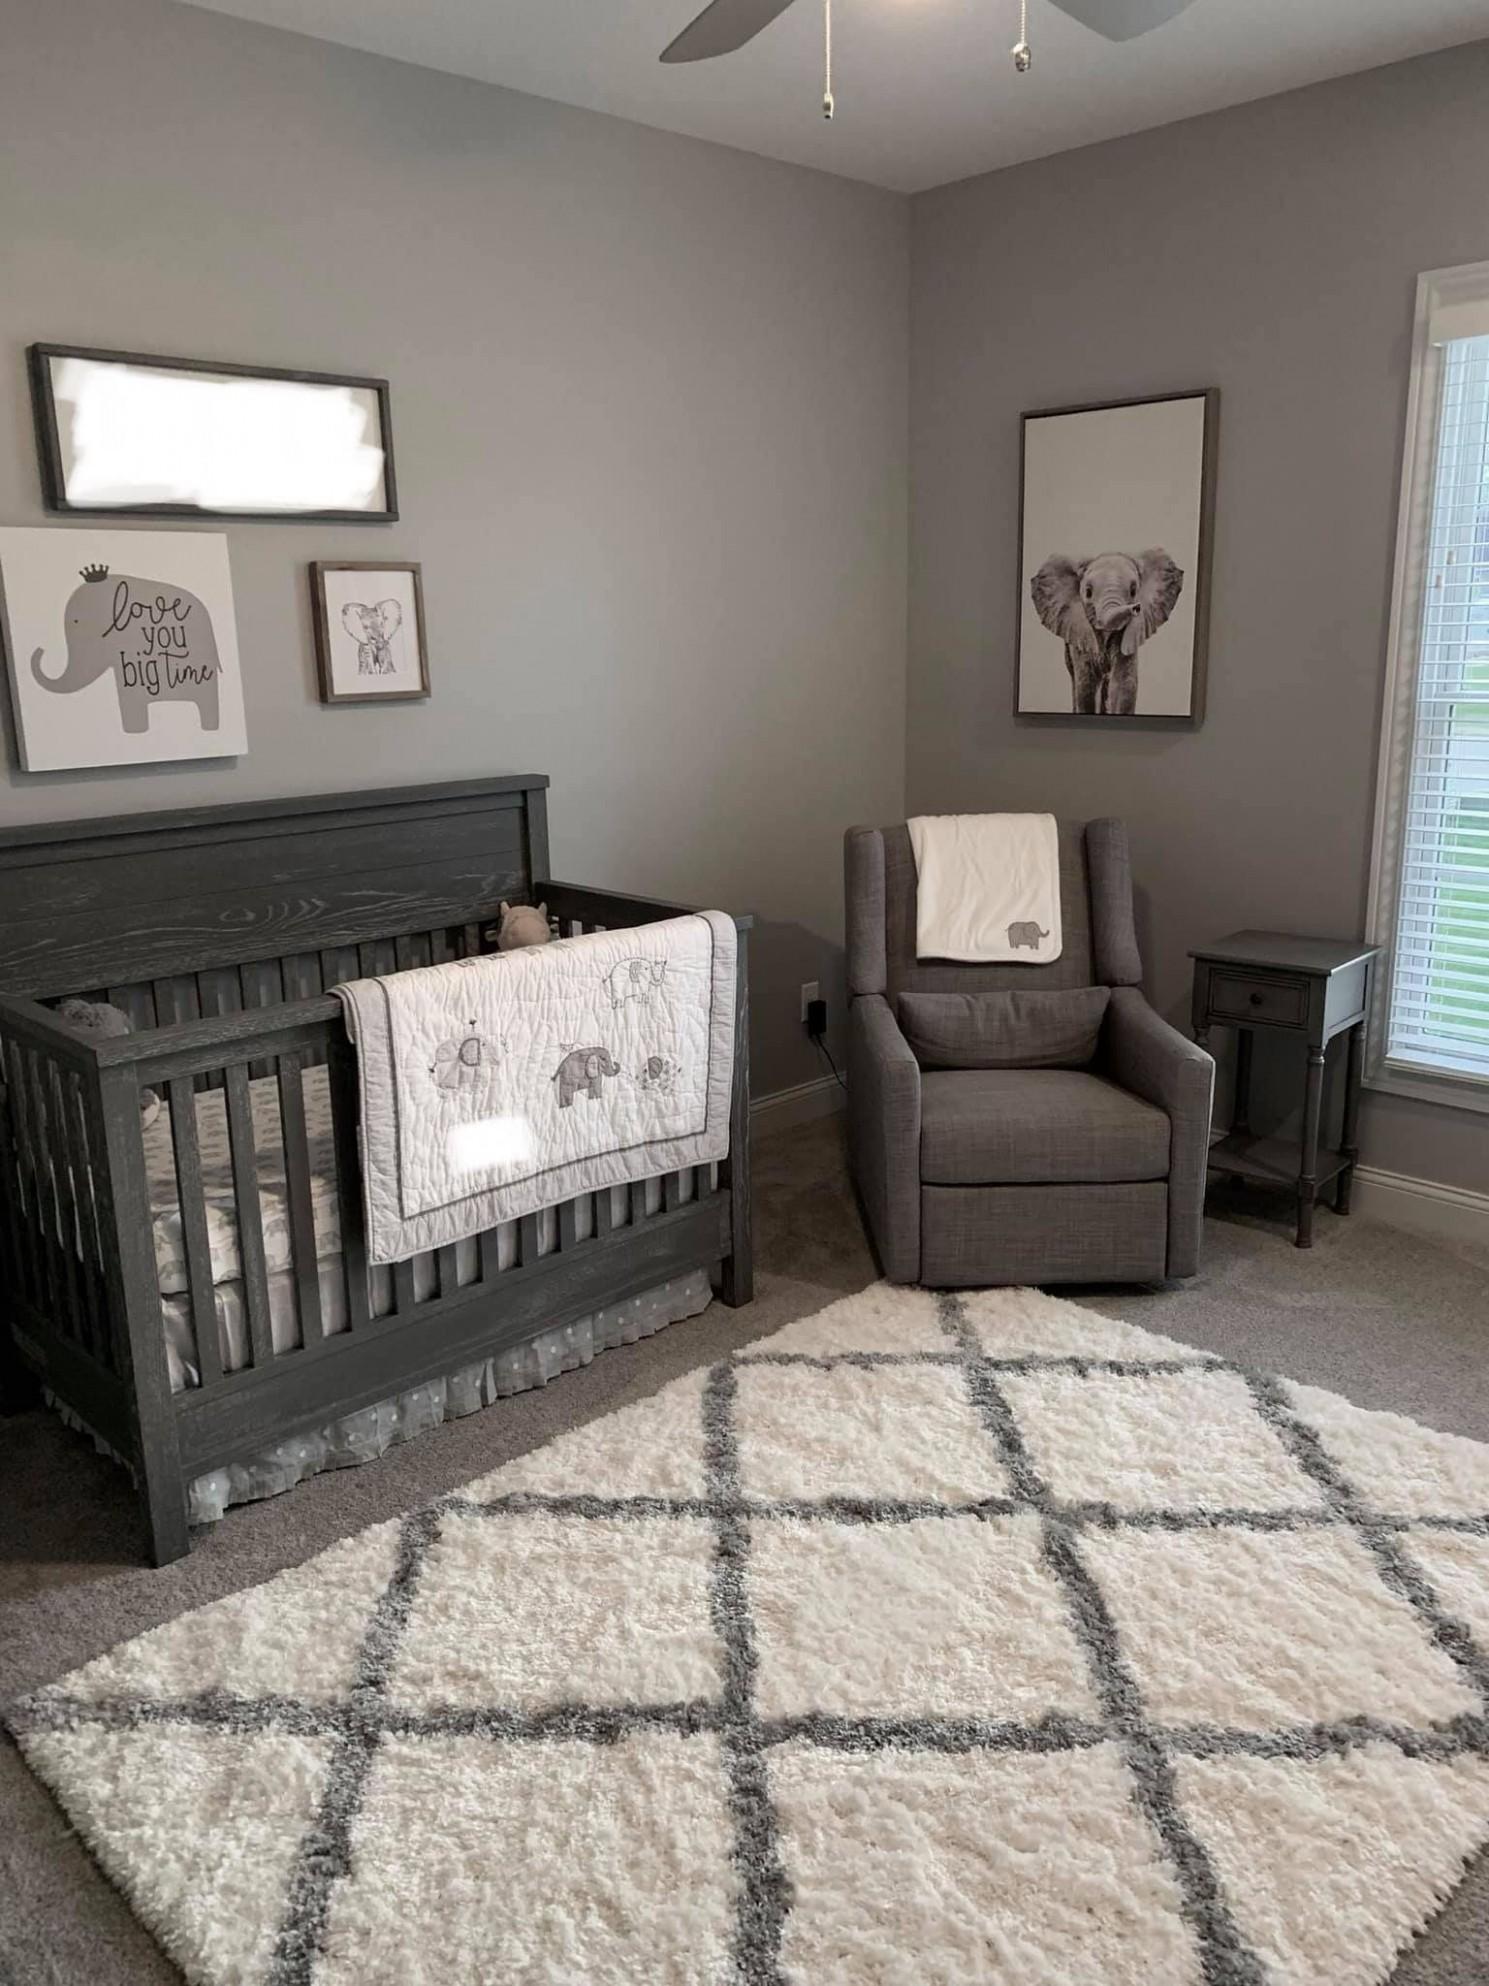 My baby boys elephant themed nursery!#baby #boys #elephant  - Baby Room Elephant Theme